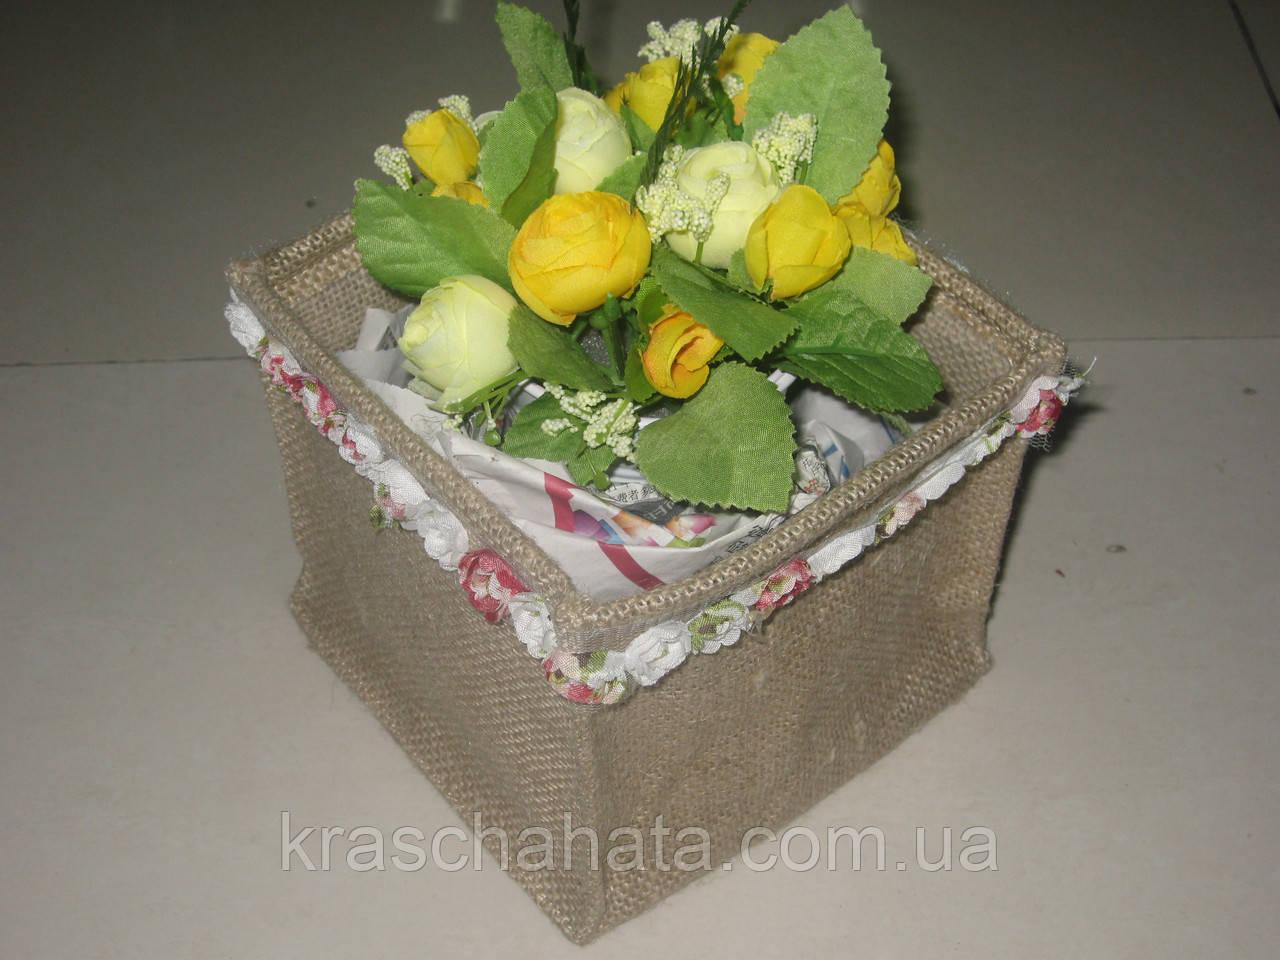 Чехол для кашпо,14x14х13,5 cм, мешковина, Упаковка из мешковины, Днепропетровск